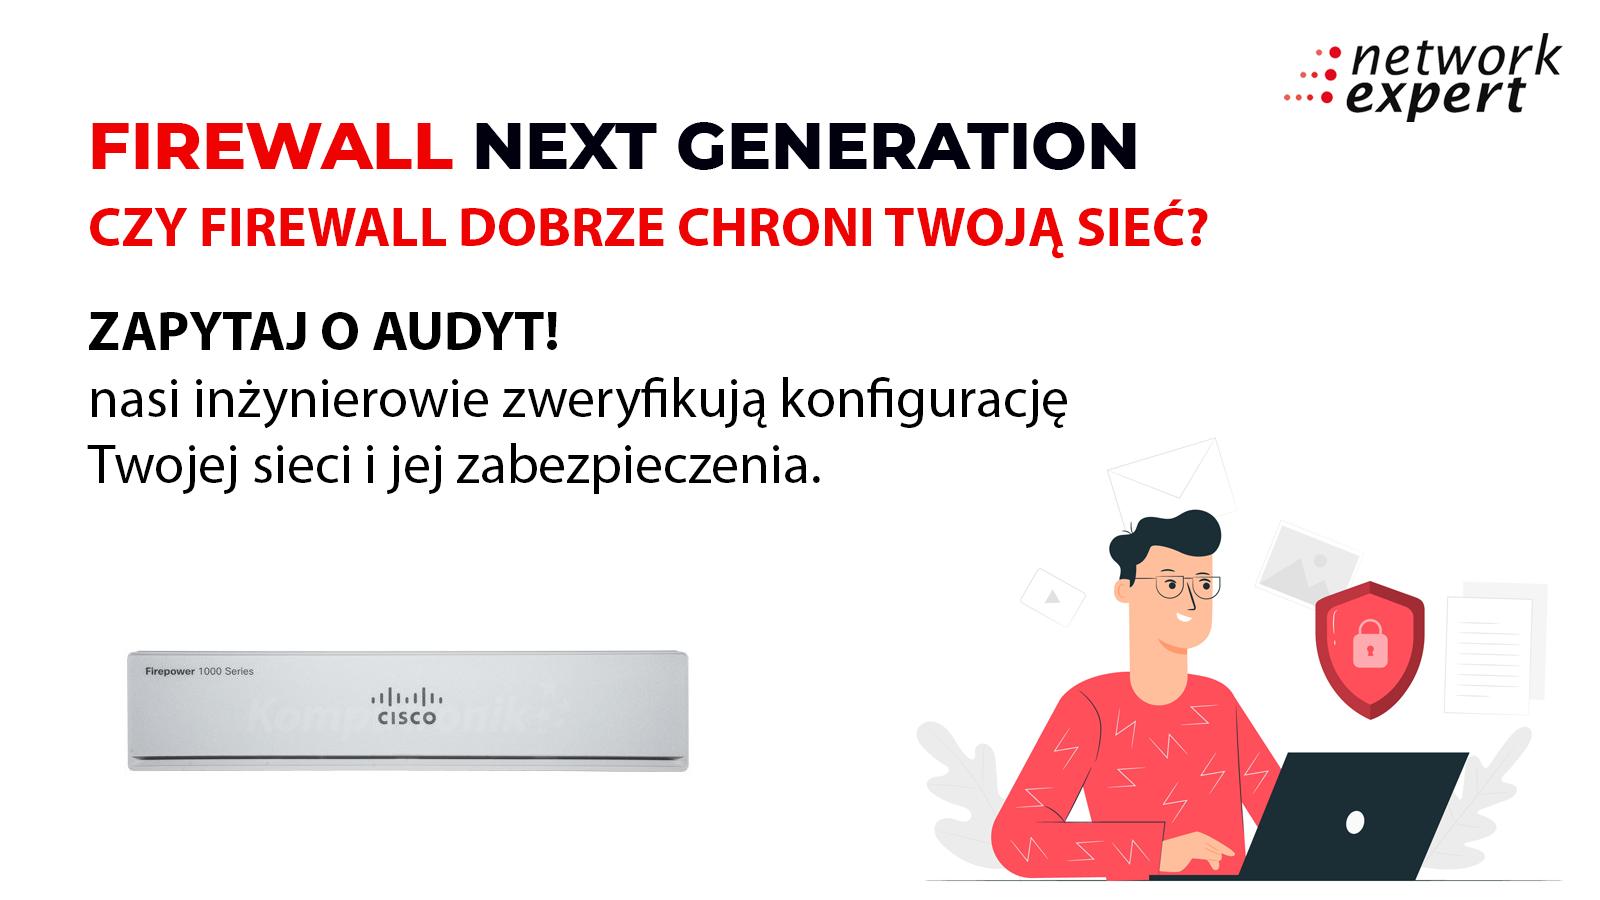 Firewalle Next Generation - szkolenie